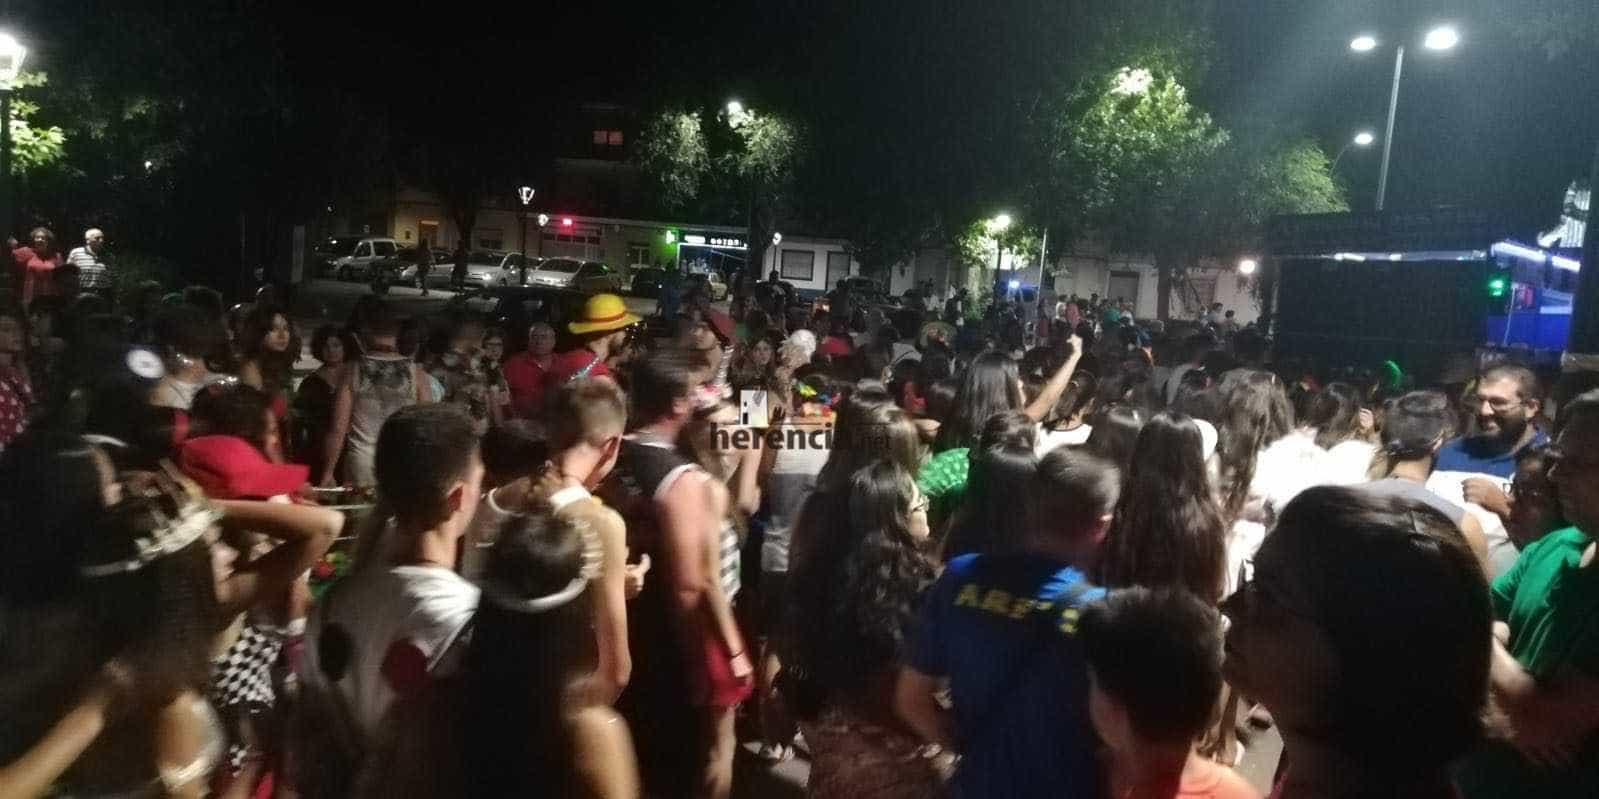 Carnaval de herencia 2019 galeria 14 - Galería de fotografías del Carnaval de Verano 2019